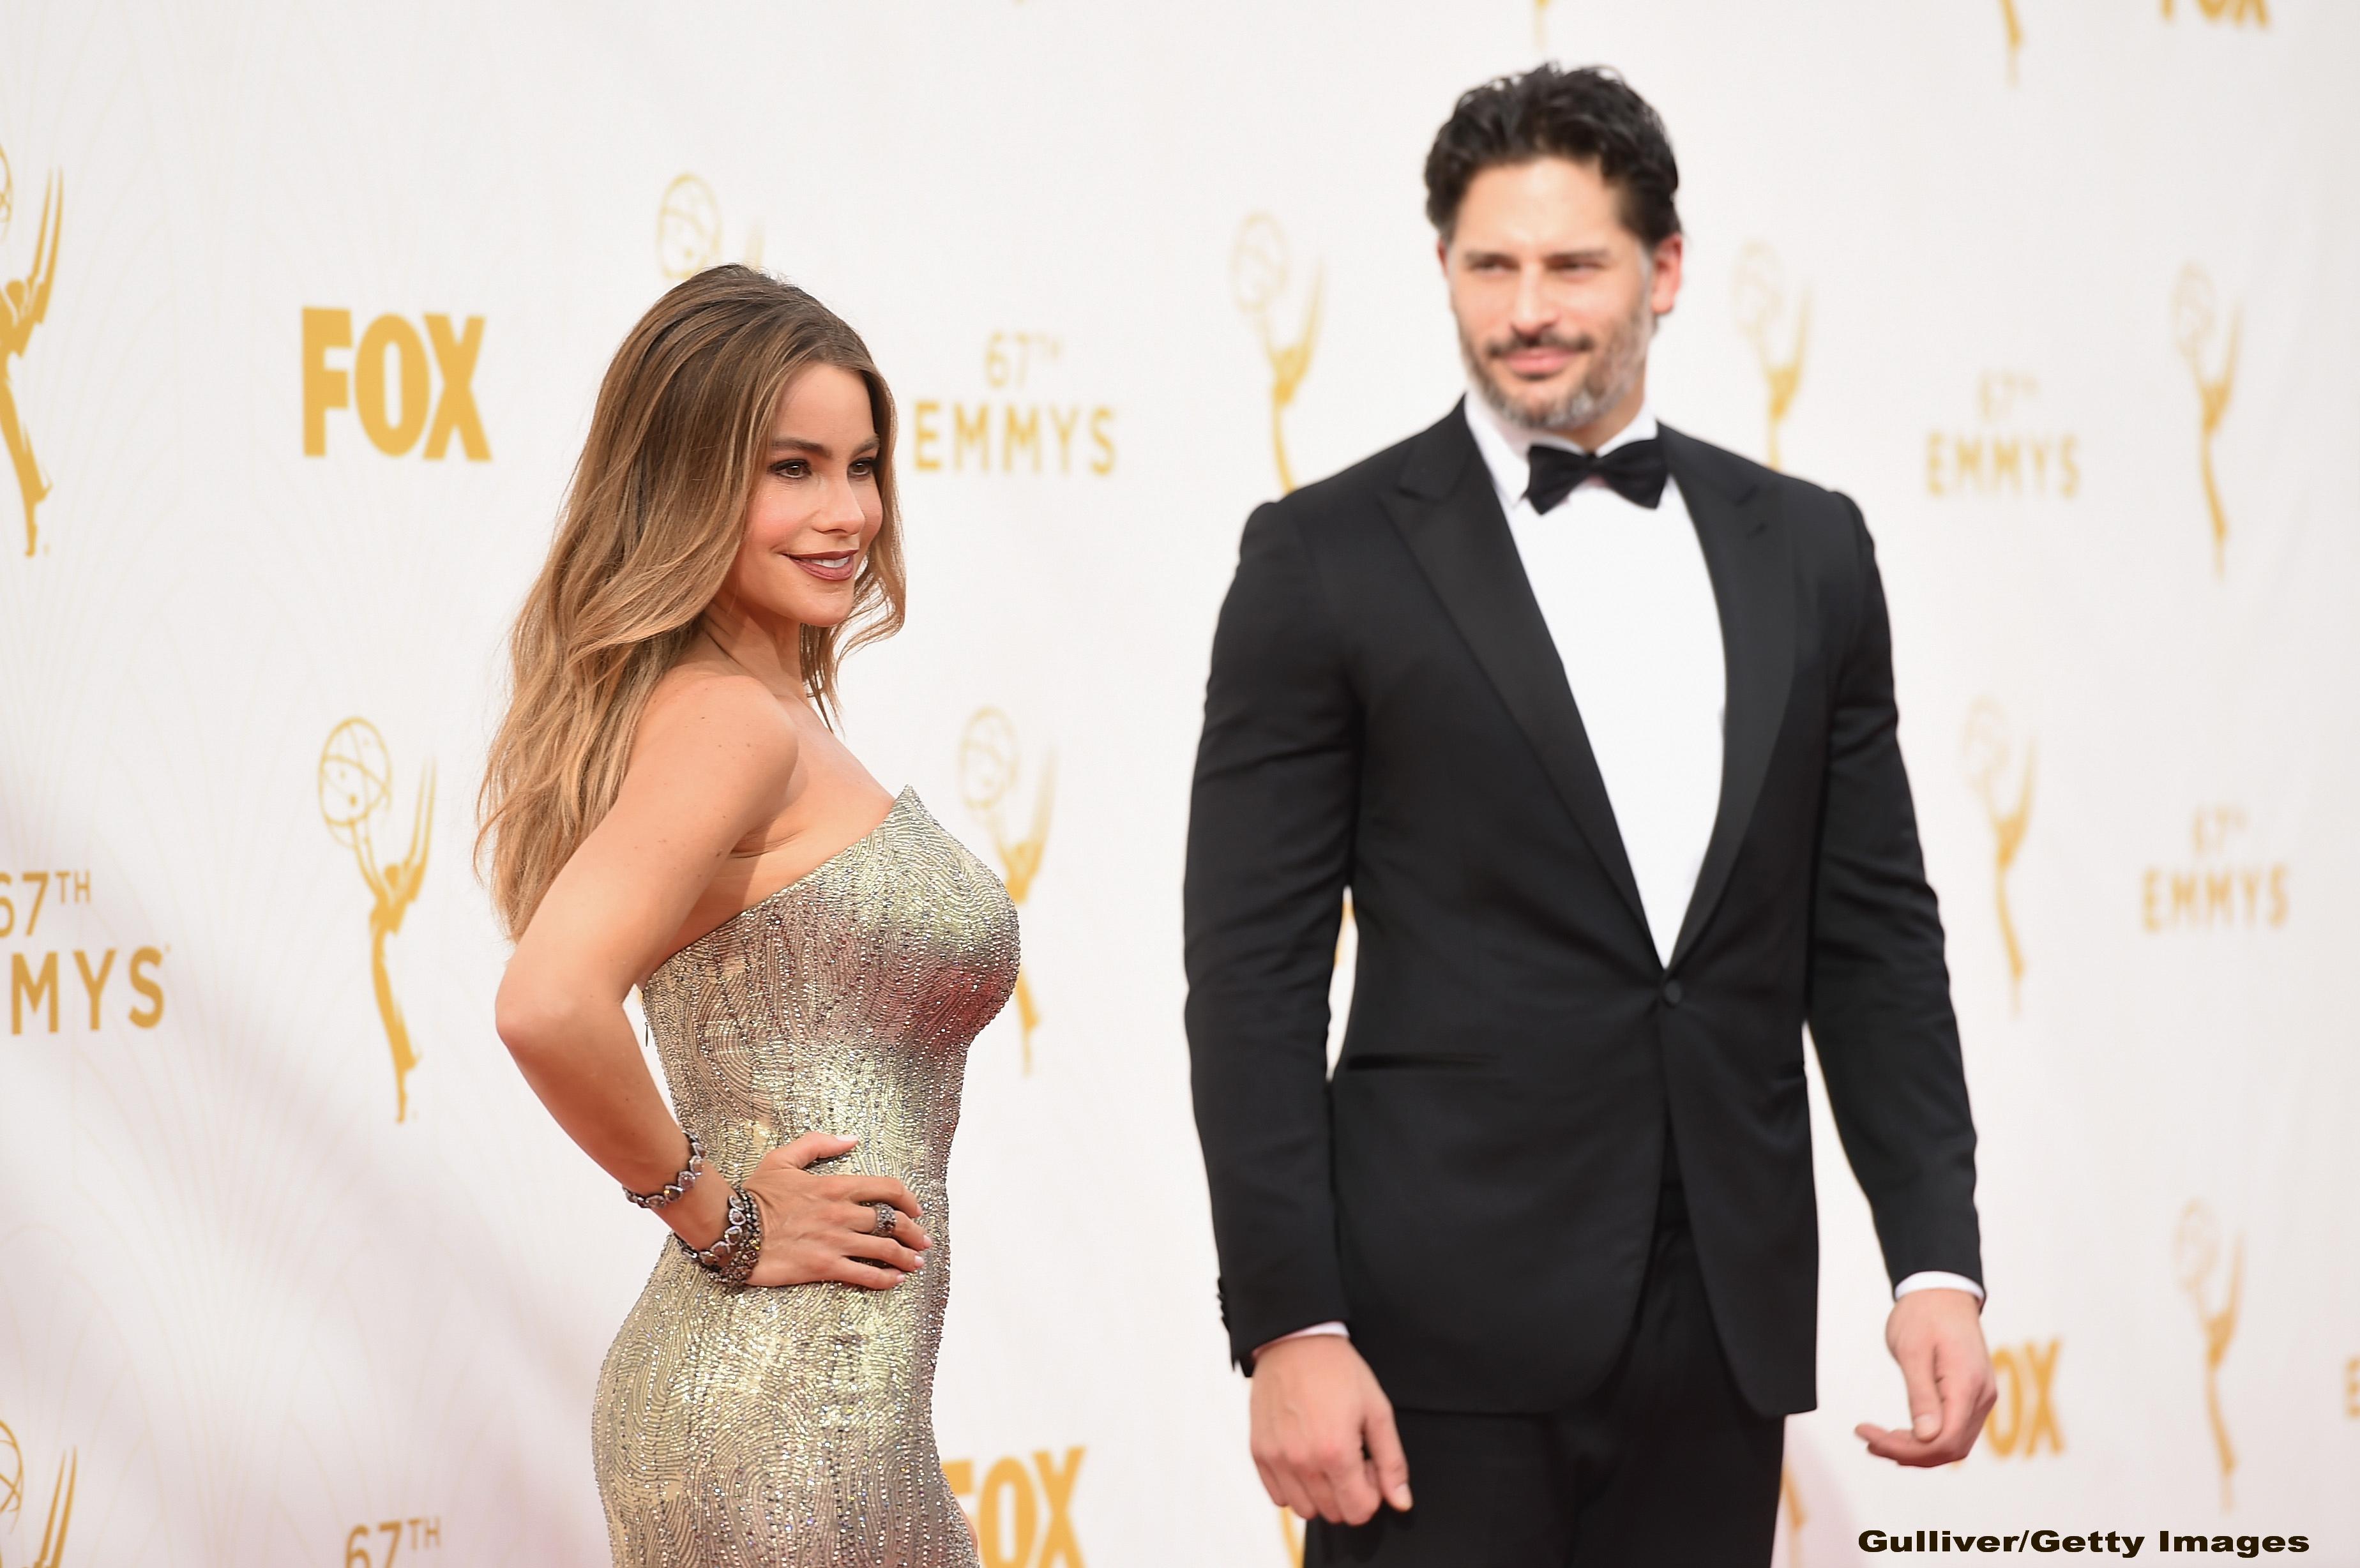 Premiile Emmy 2015. Sofia Vergara a purtat o rochie aurie spectaculoasa, care i-a pus in valoare corpul